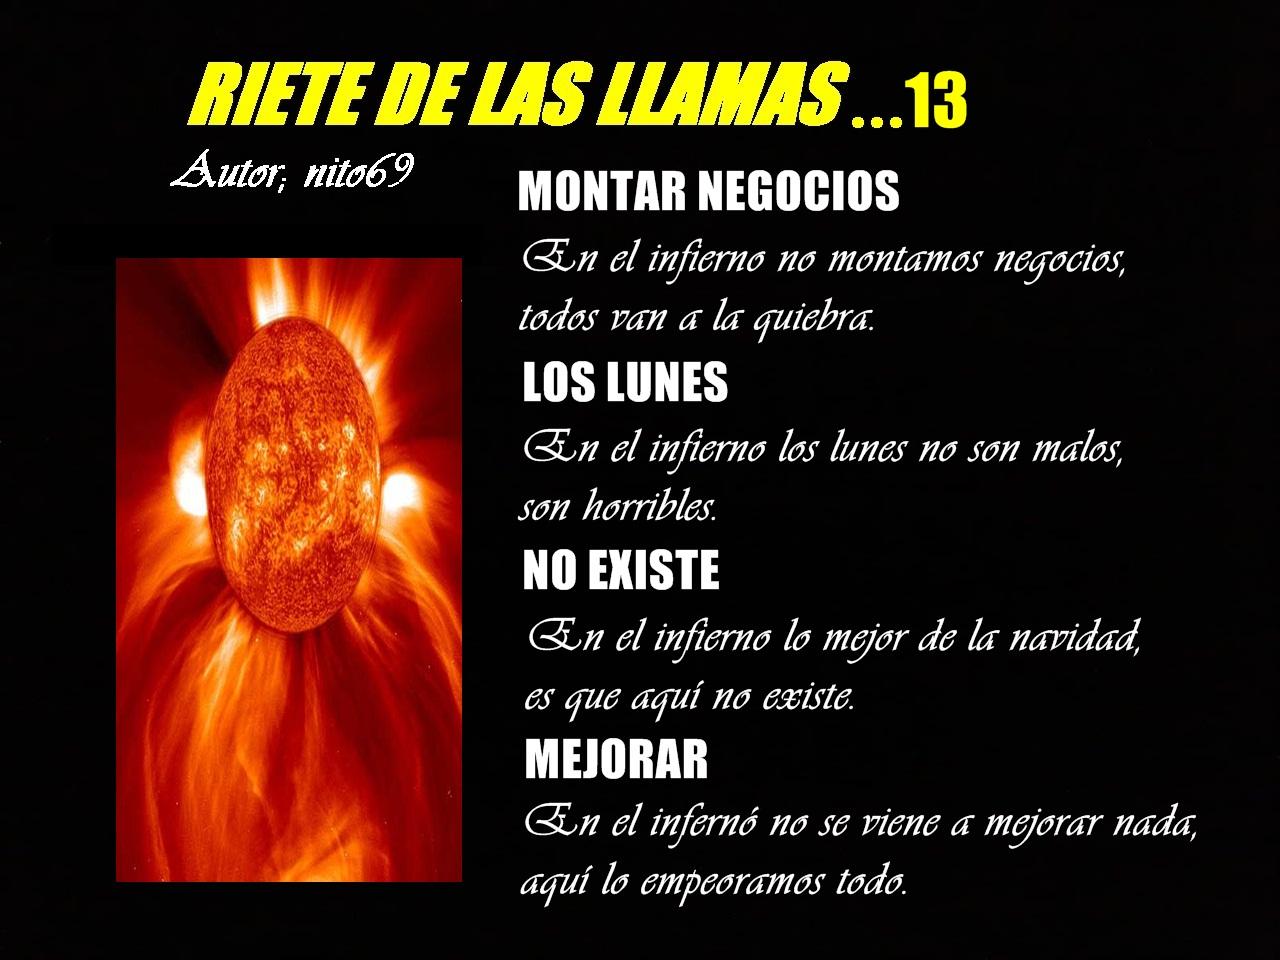 RIETE DE LAS LLAMAS...13